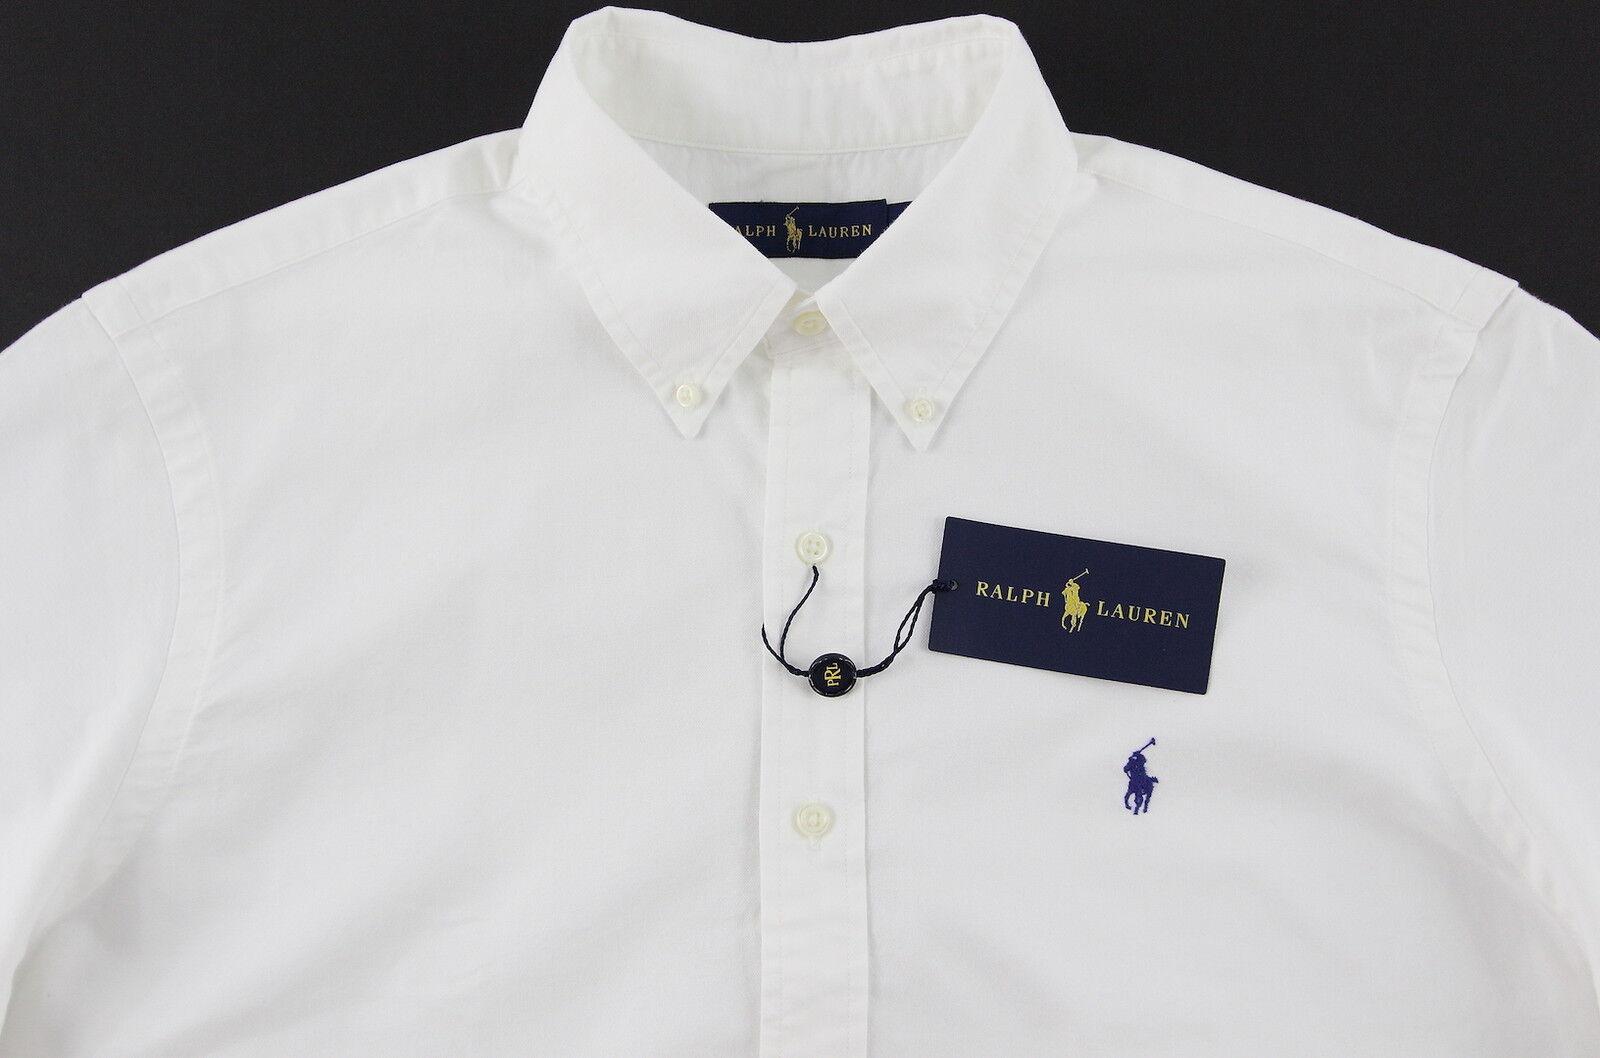 Men's RALPH LAUREN White Short Sleeve S S Shirt L Large NWT NEW bluee Pony